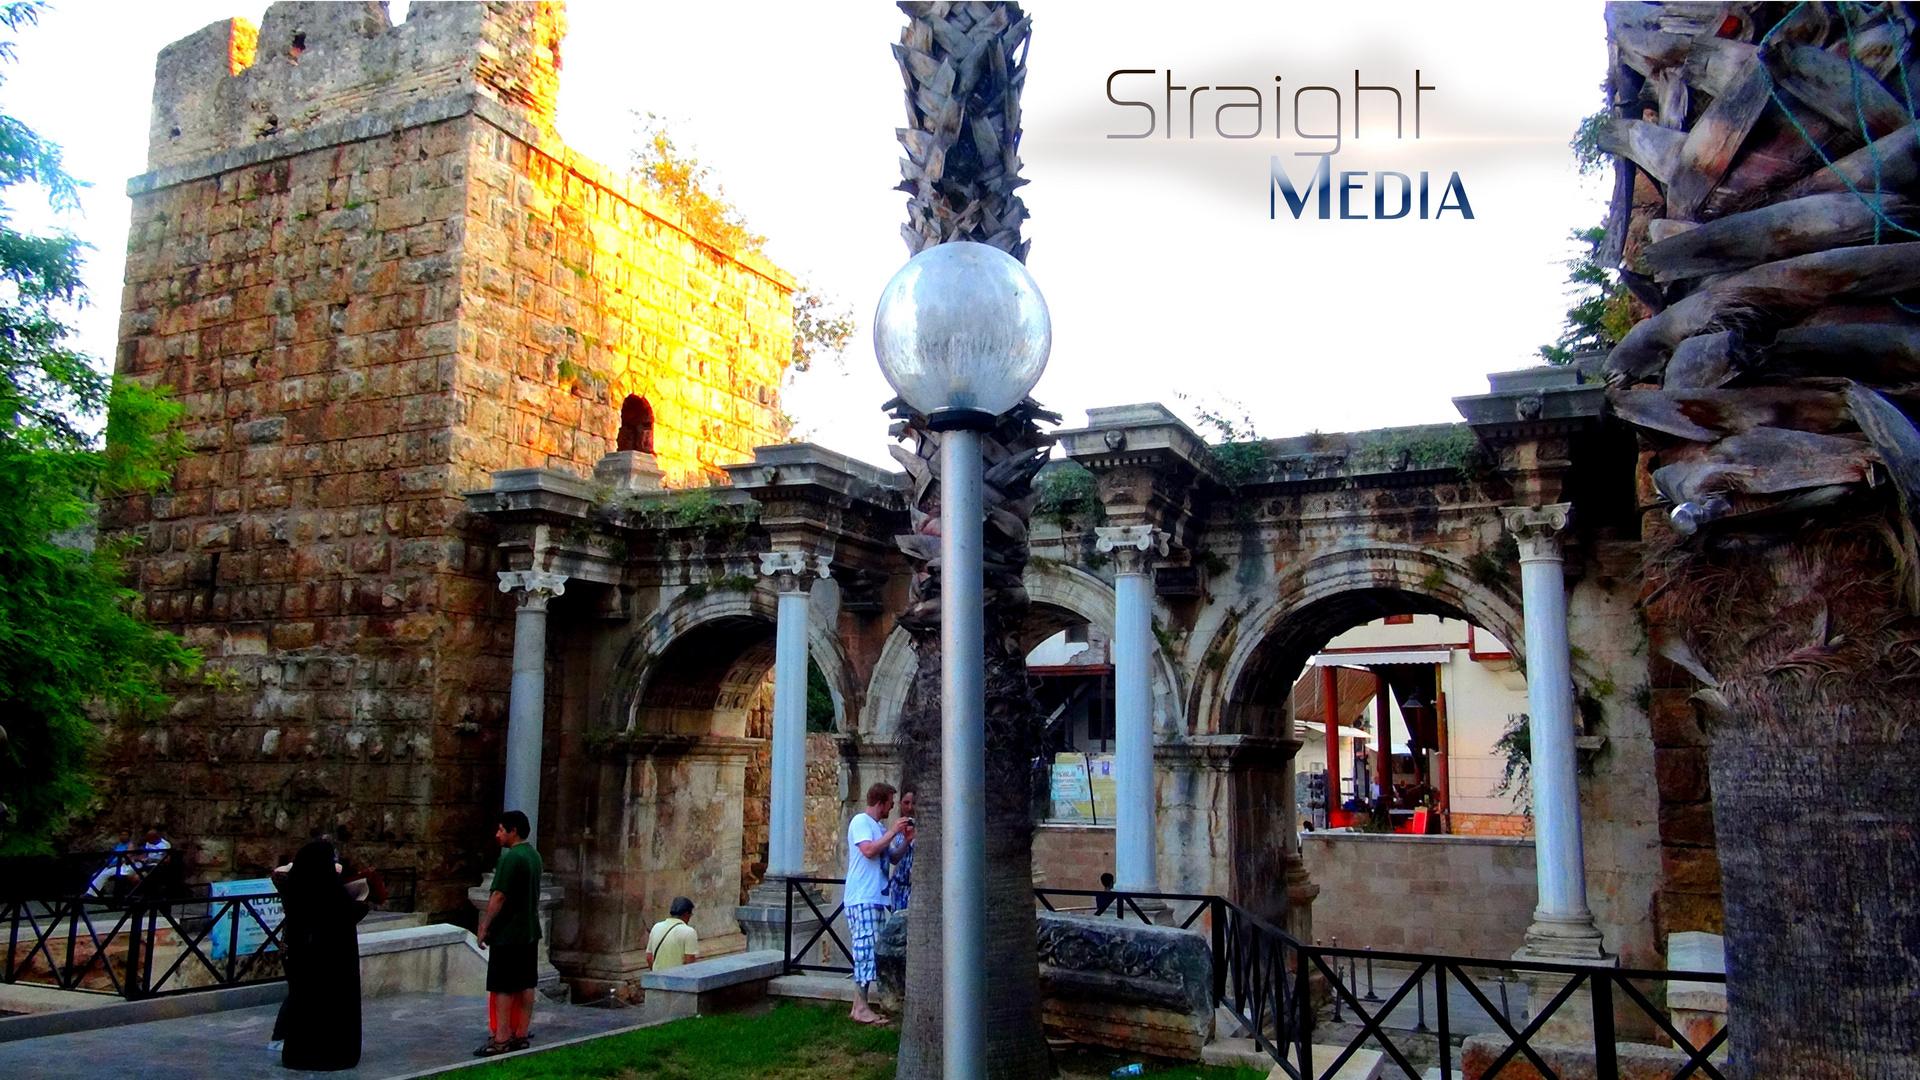 Straight Media ©